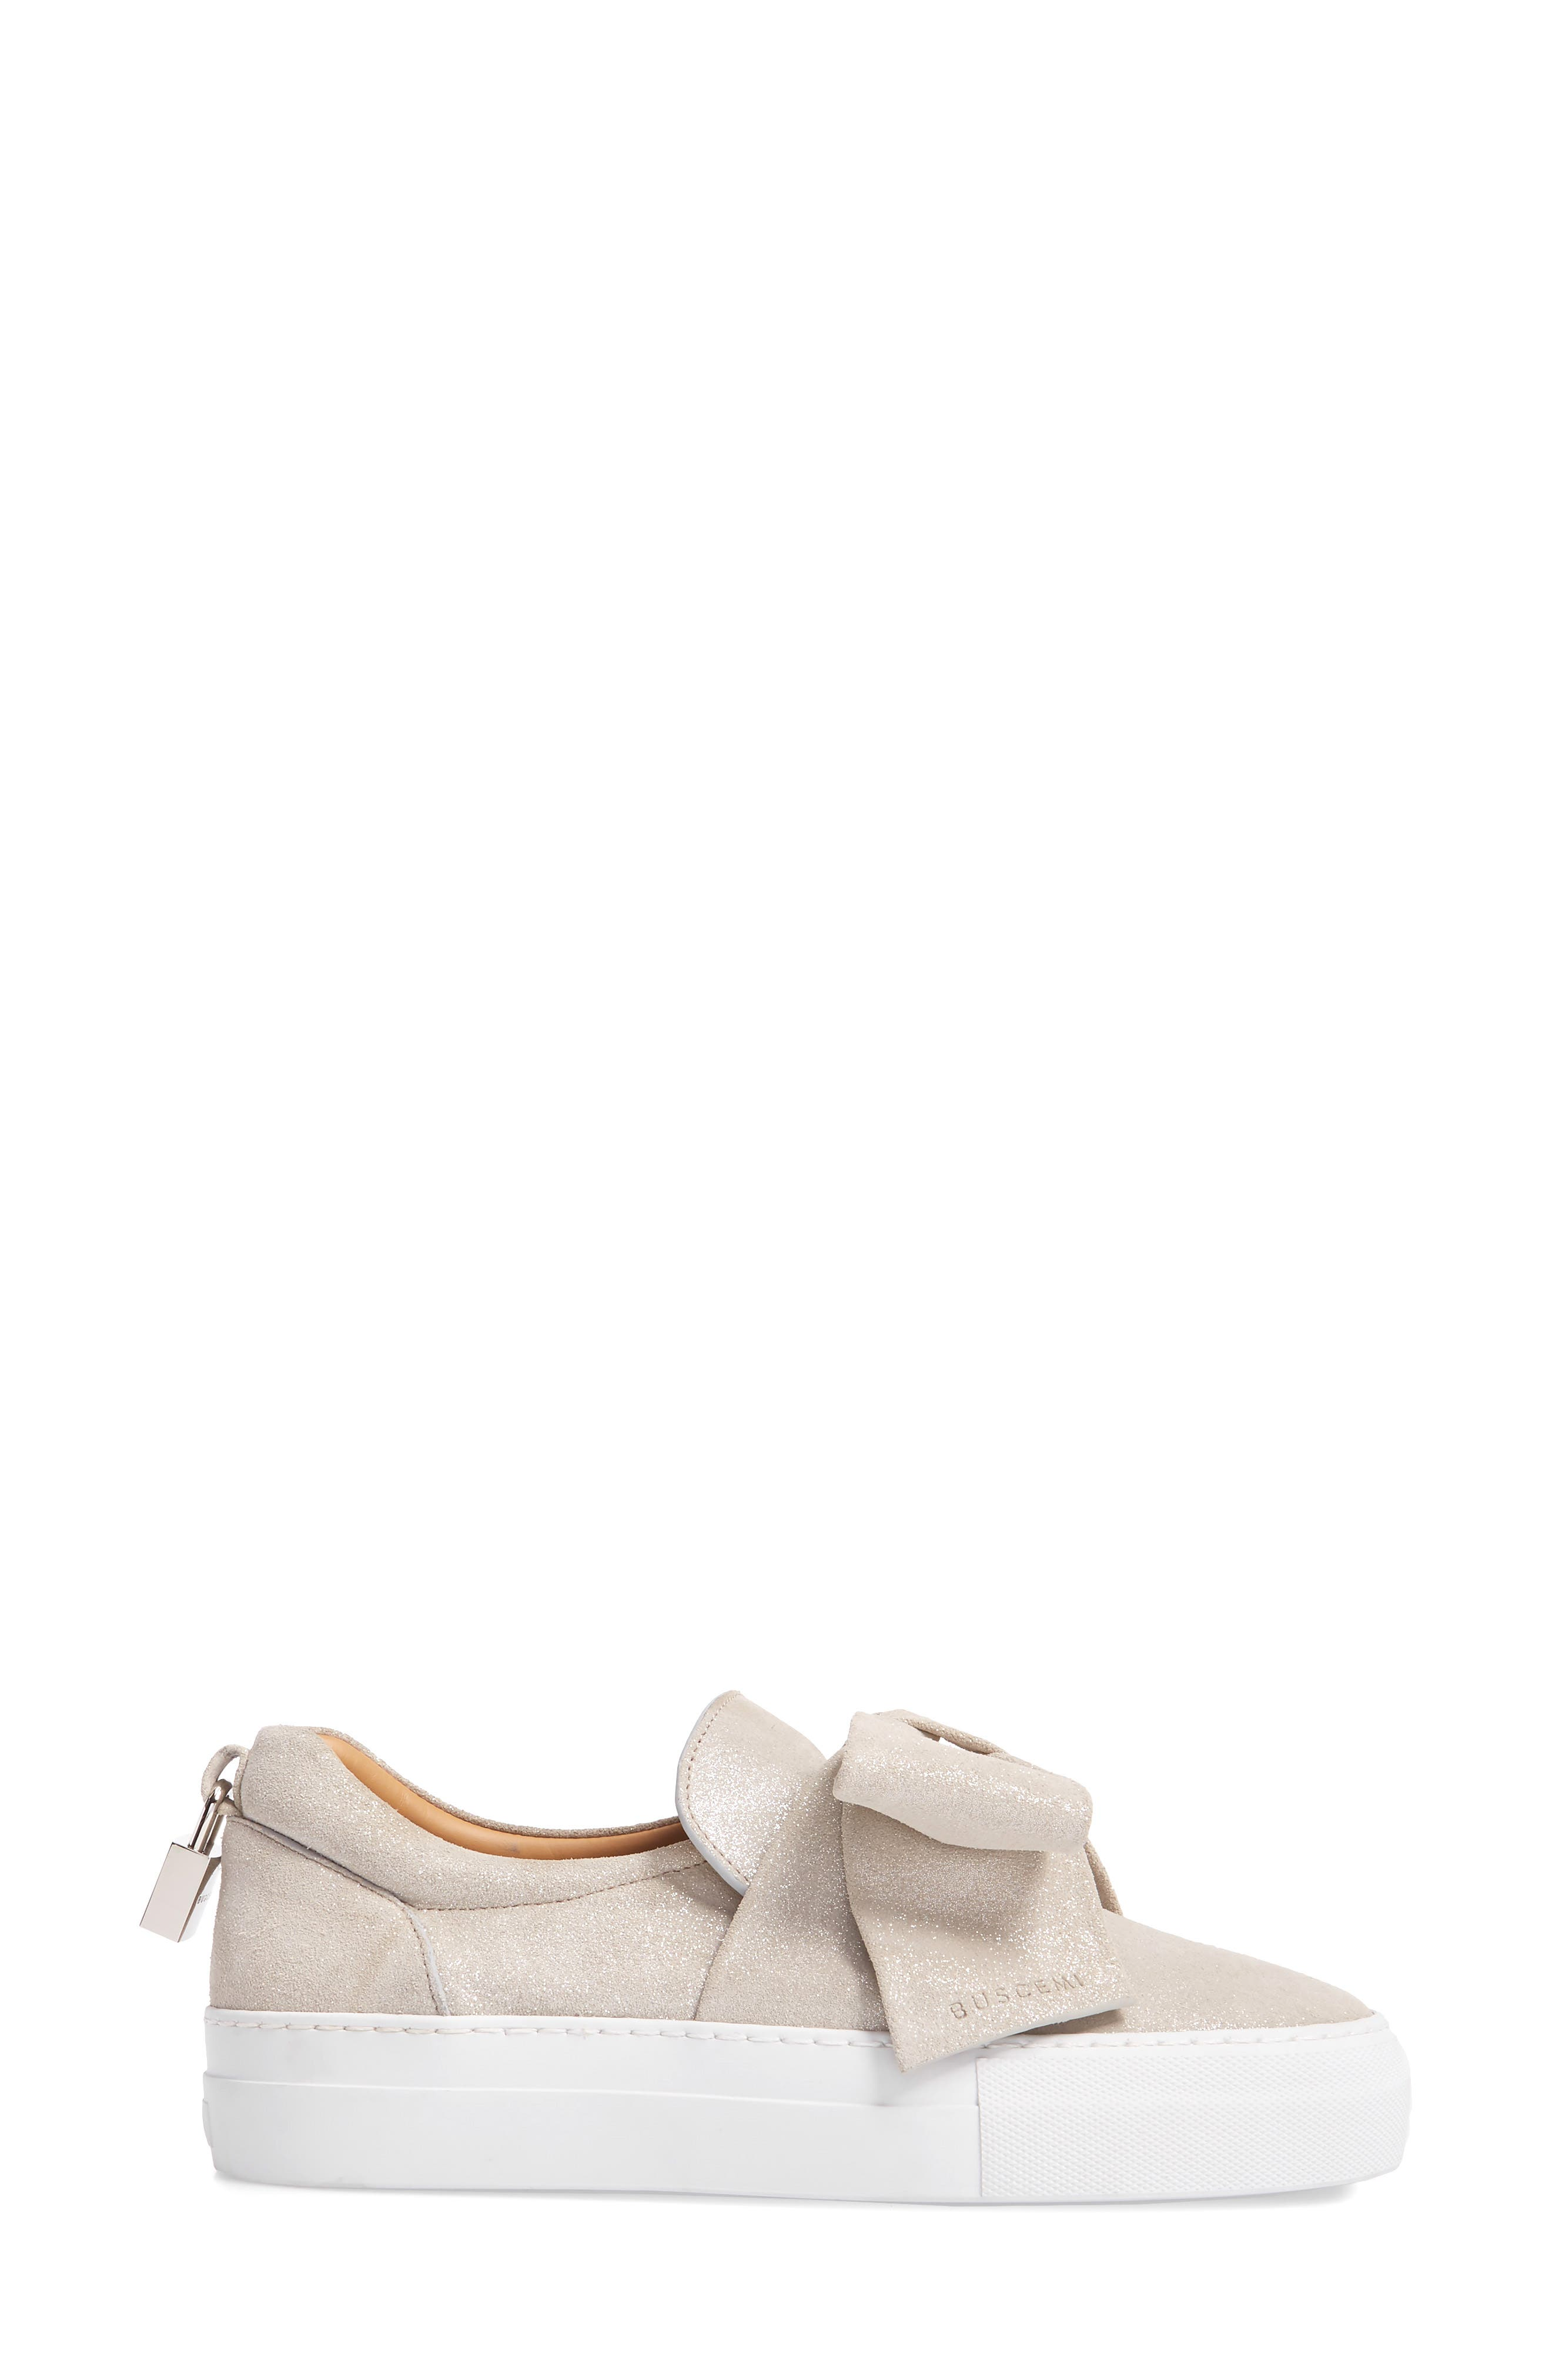 Alternate Image 3  - Buscemi Bow Slip-On Sneaker (Women)